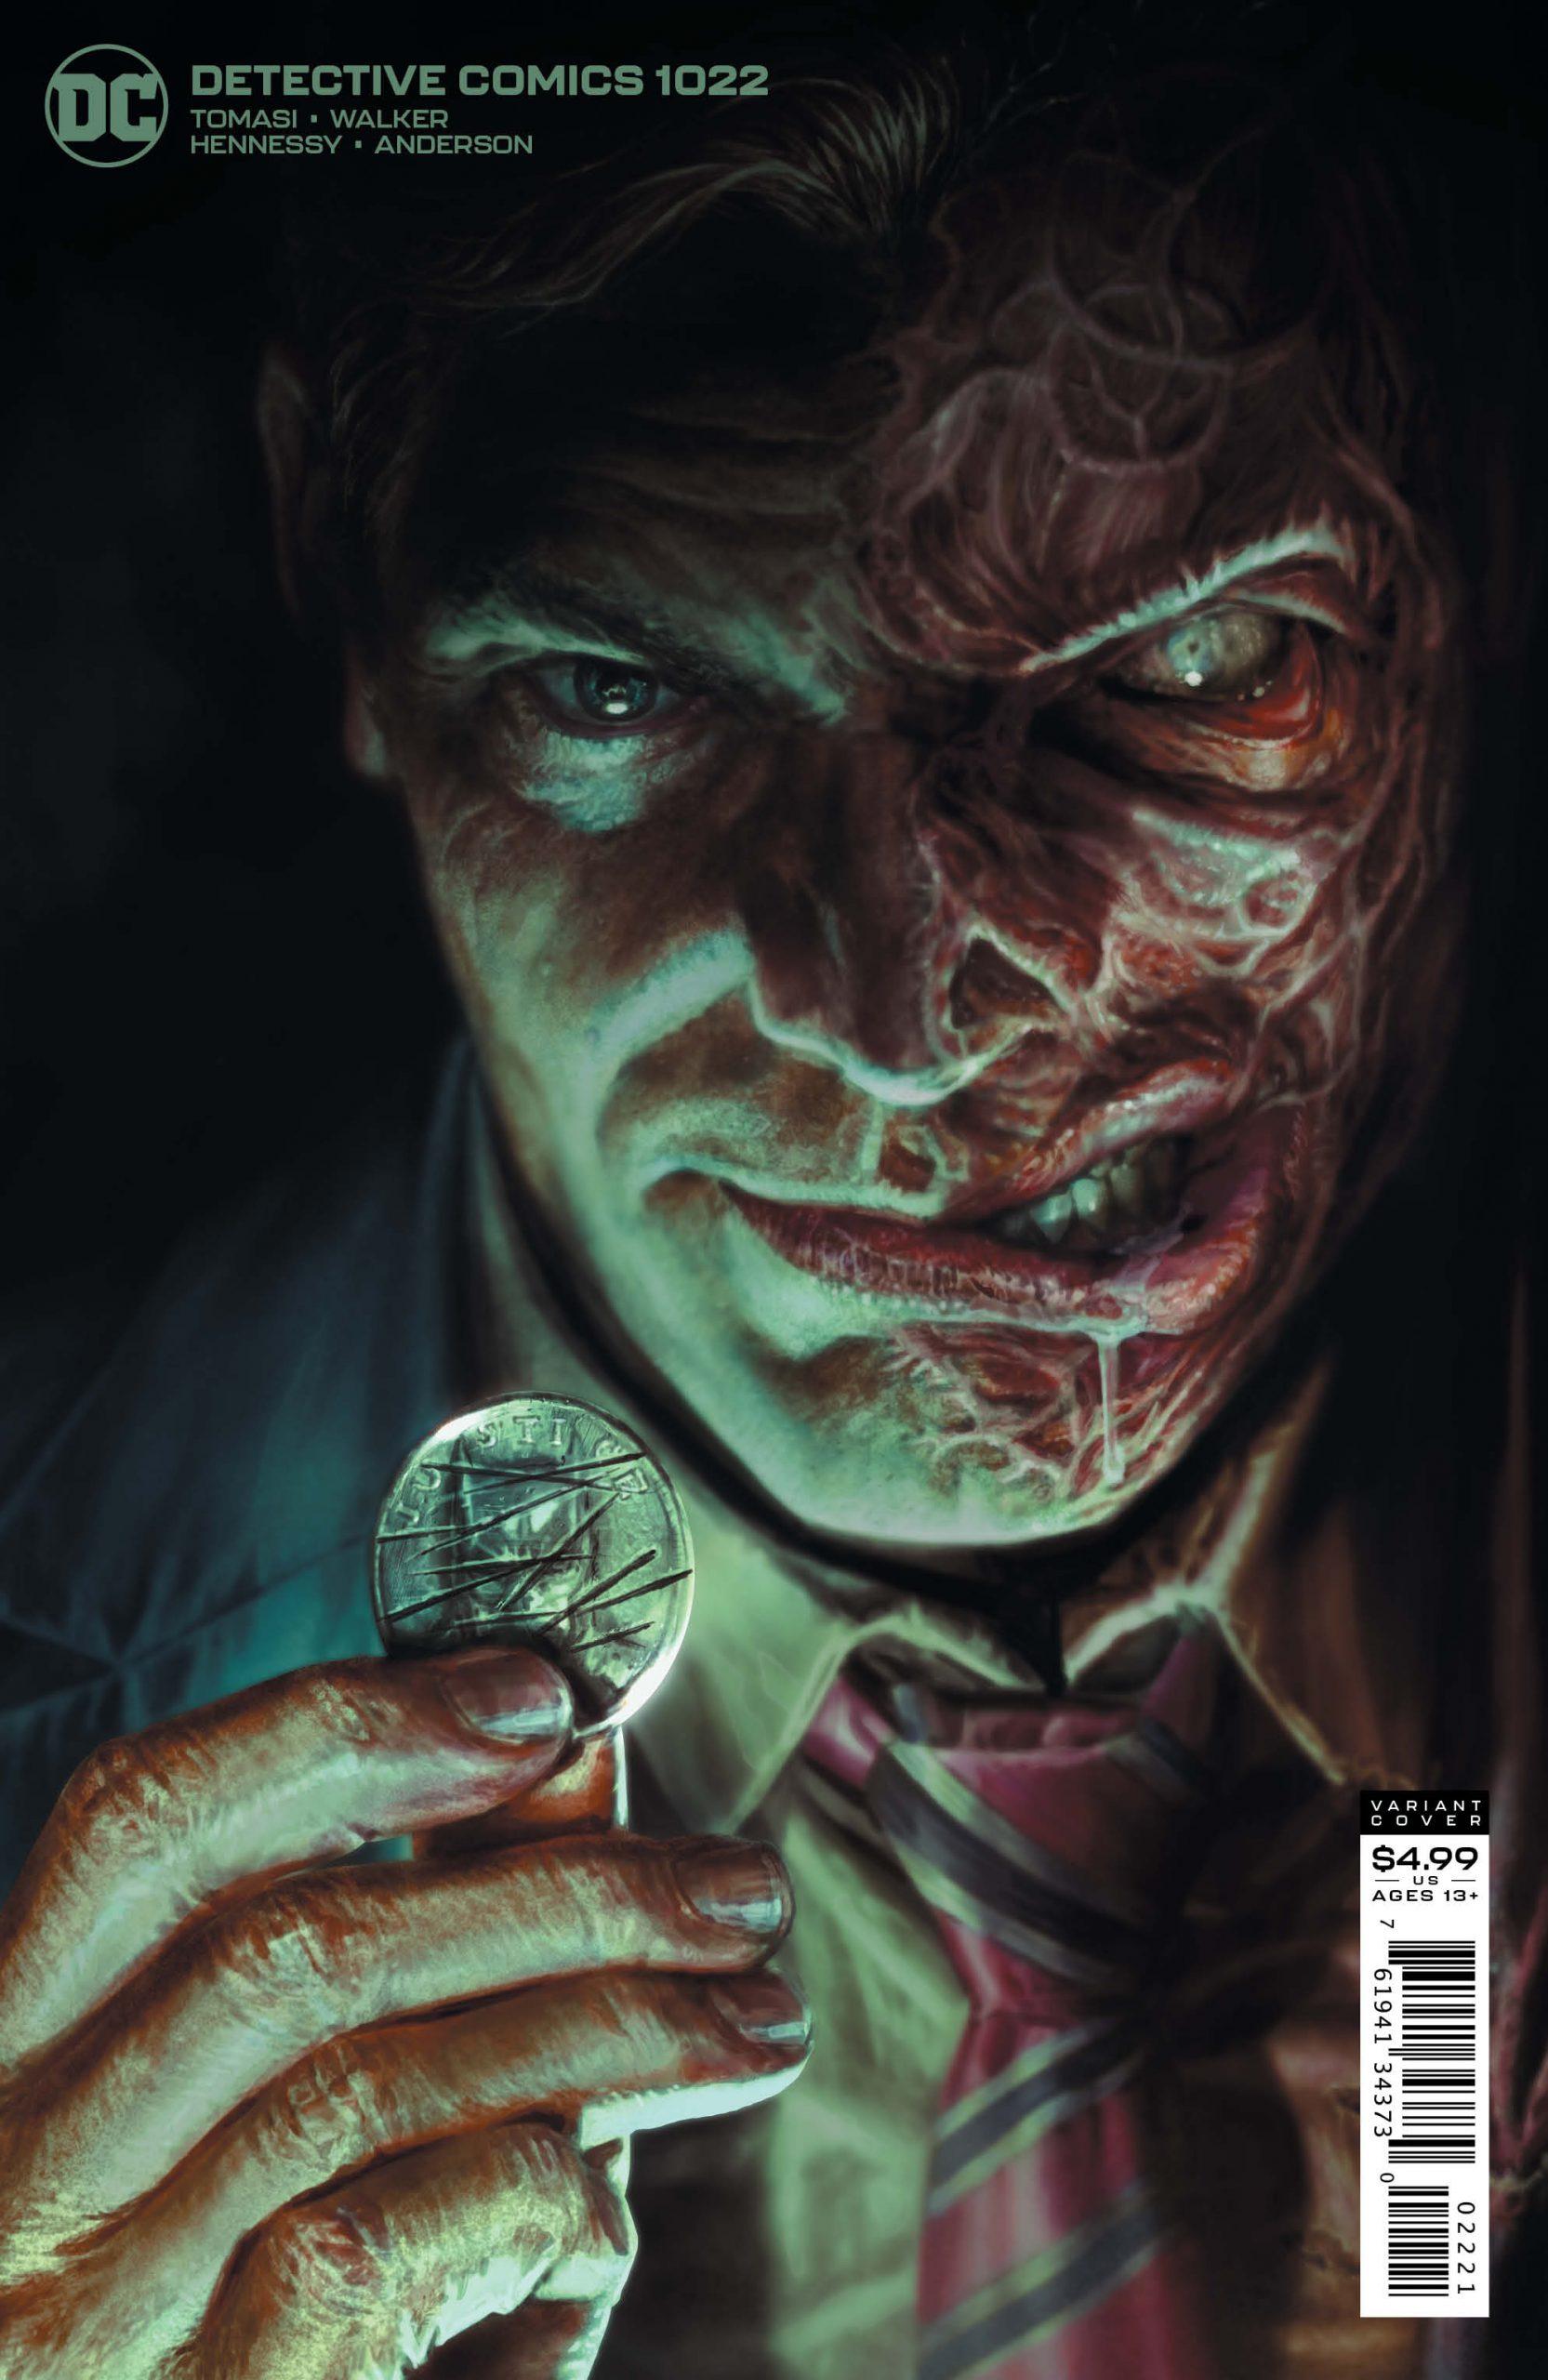 Detective Comics #1022 Variant Cover